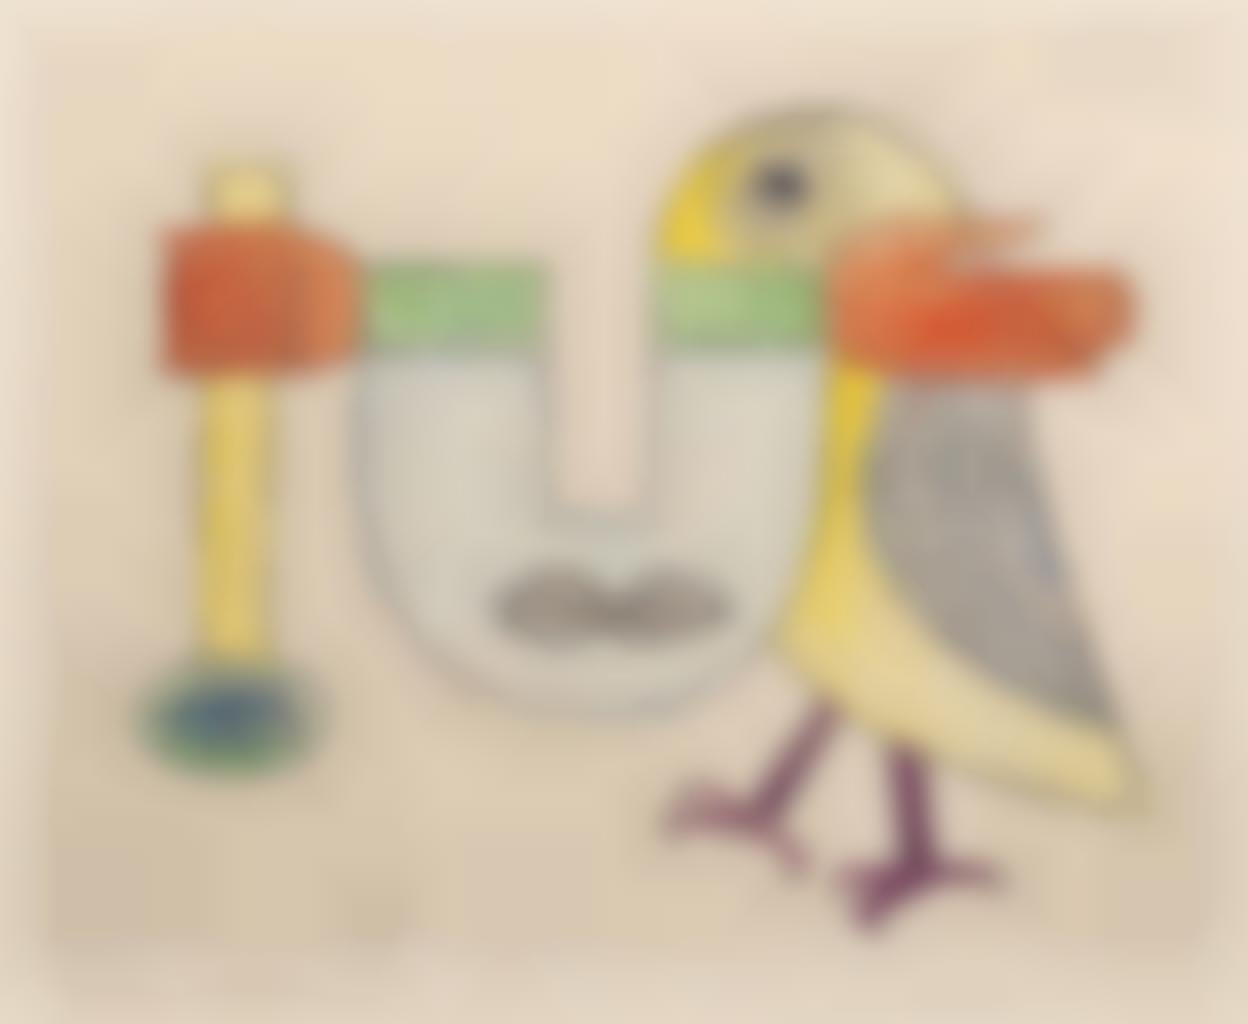 Victor Brauner-L'Oiseau innome, from Gherasim Luca Ce Chateau pressenti-1958